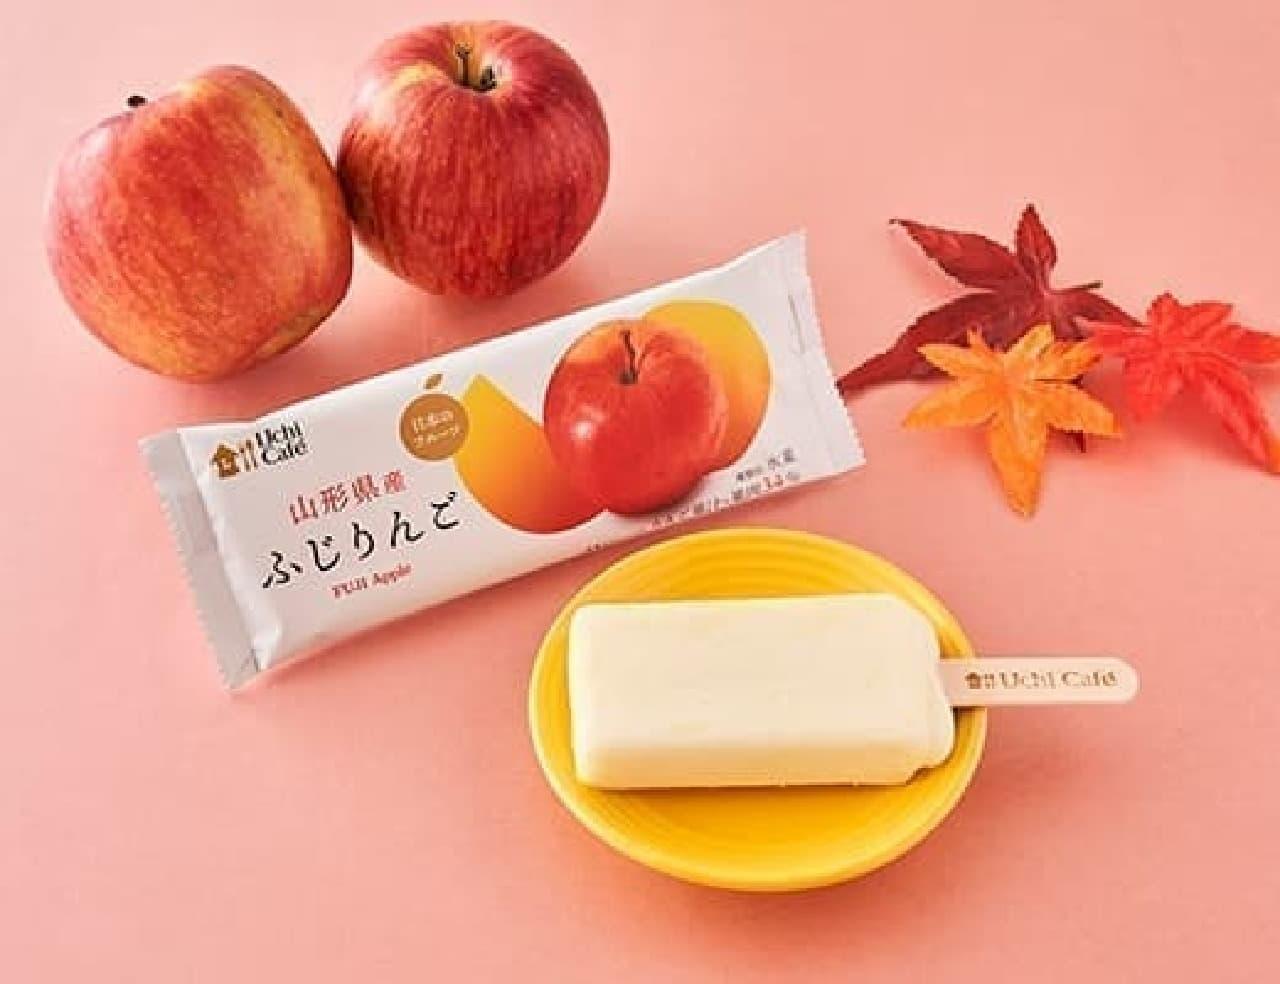 ローソン「ウチカフェ 日本のフルーツ ふじりんご 80ml」